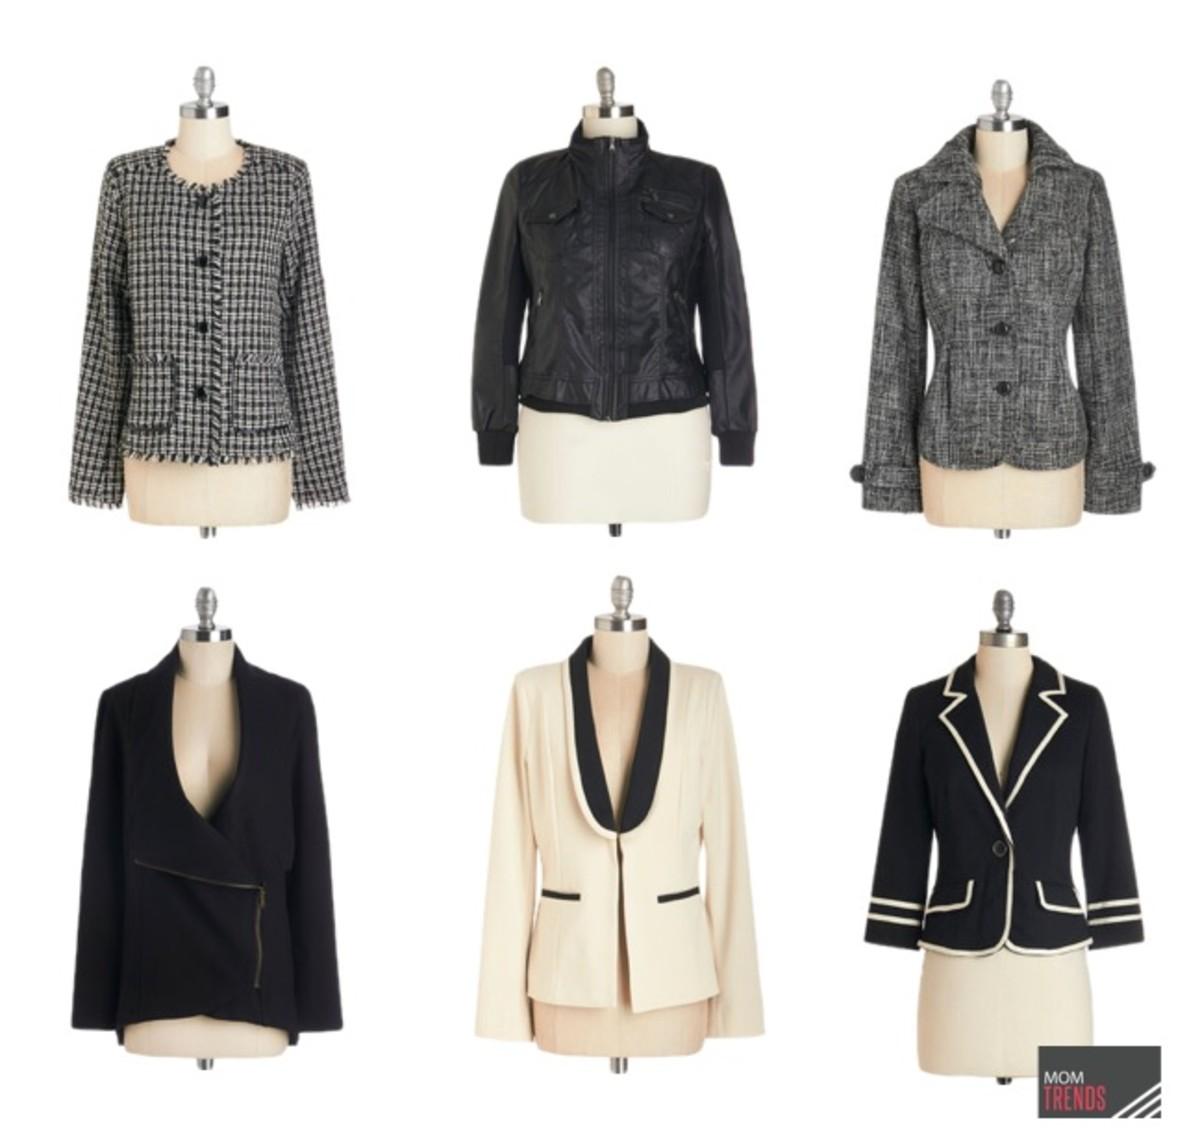 ModCloth Jackets